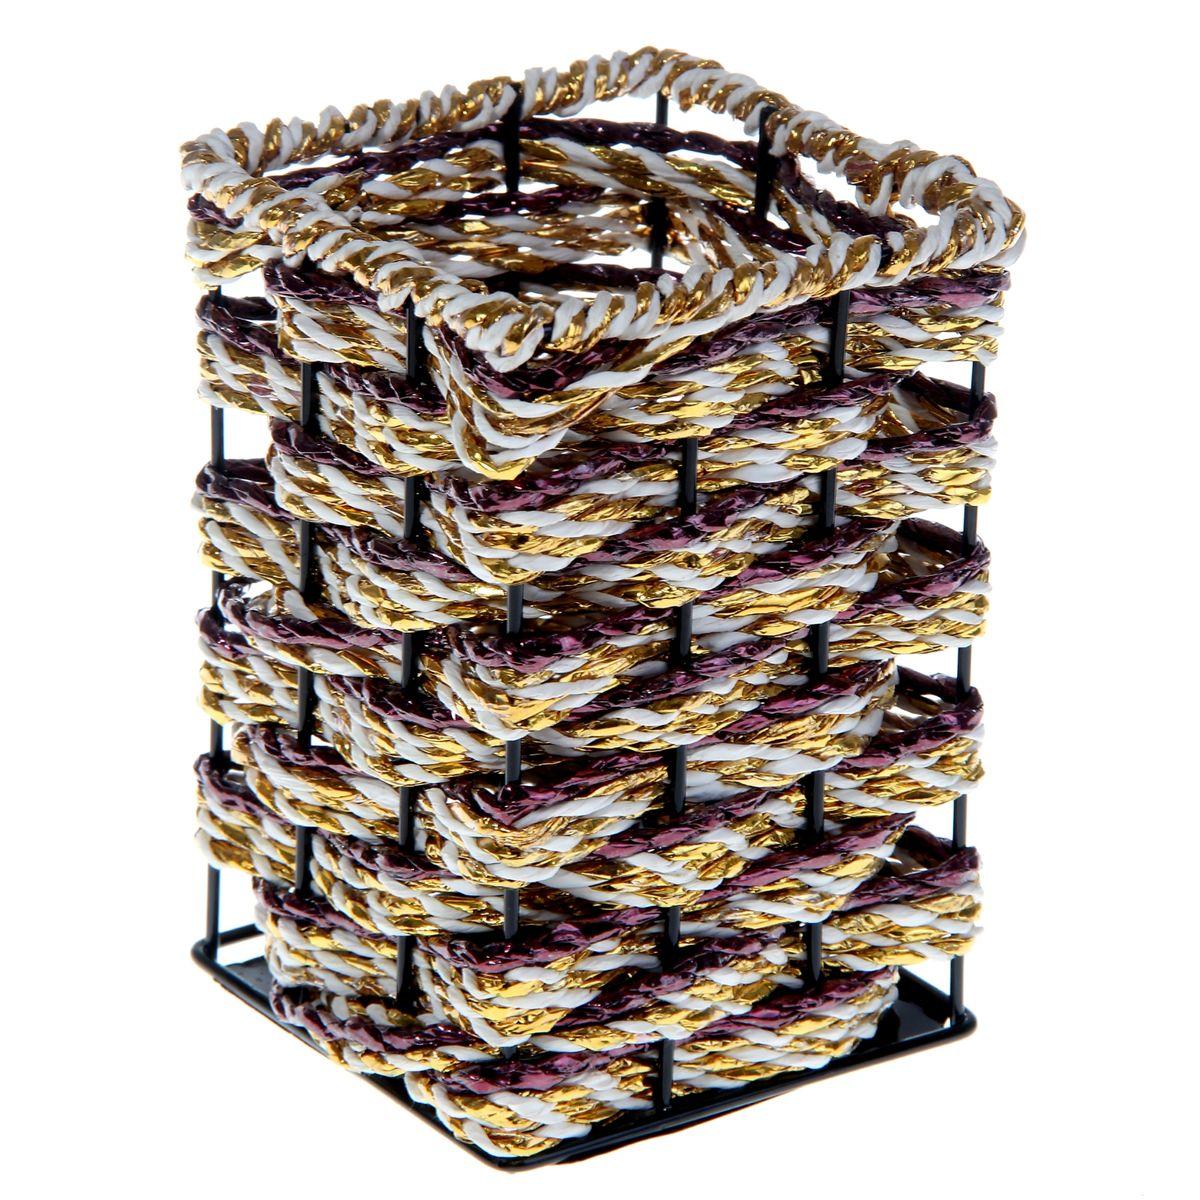 ваза плетеная металл 9*12,5 см квадратик 915887915887Лоза,металл